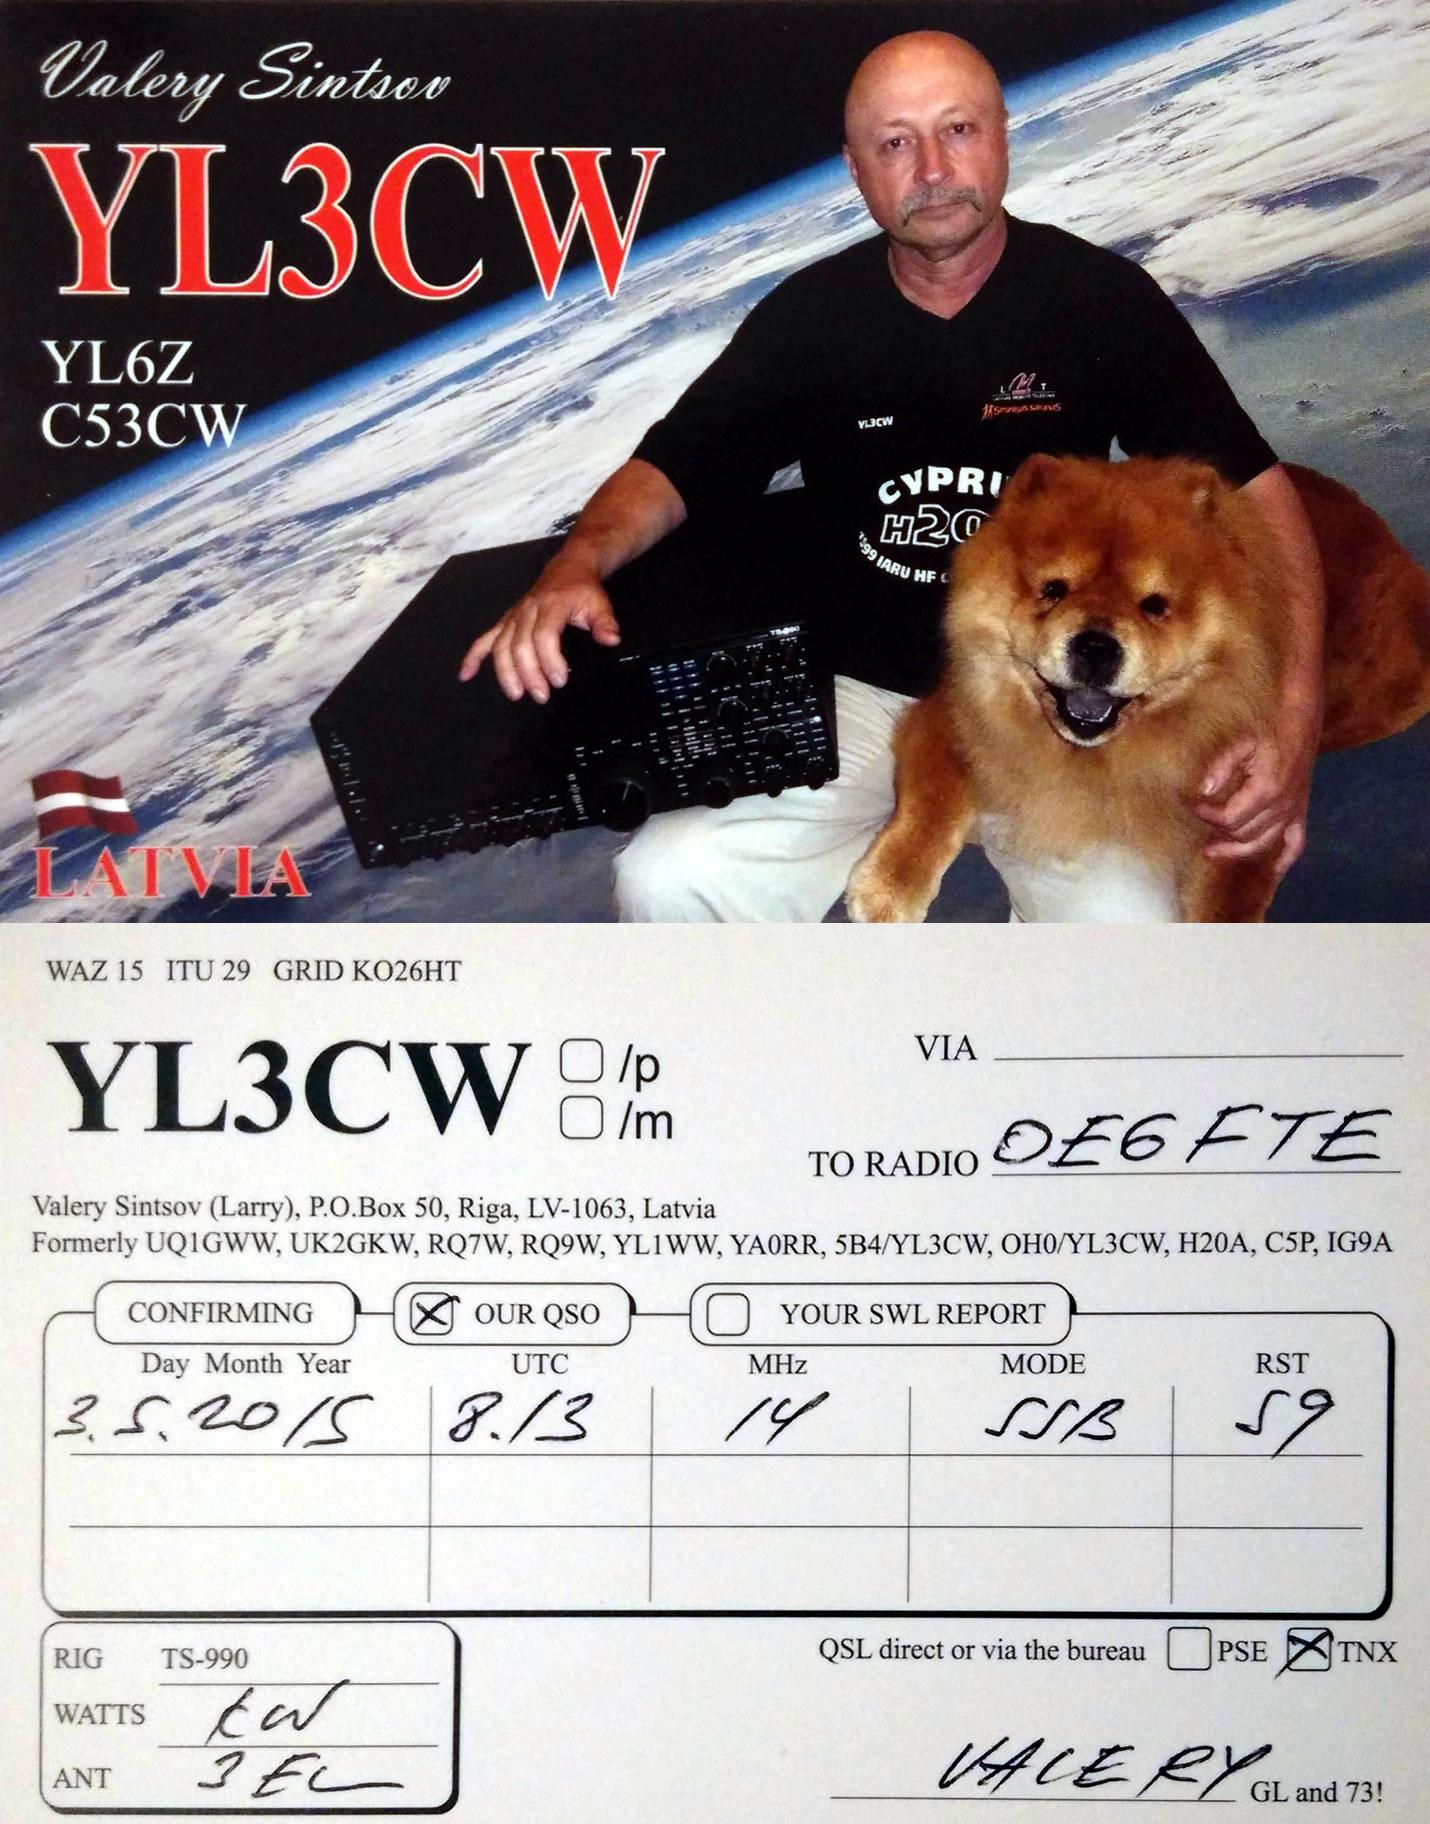 YL3CW